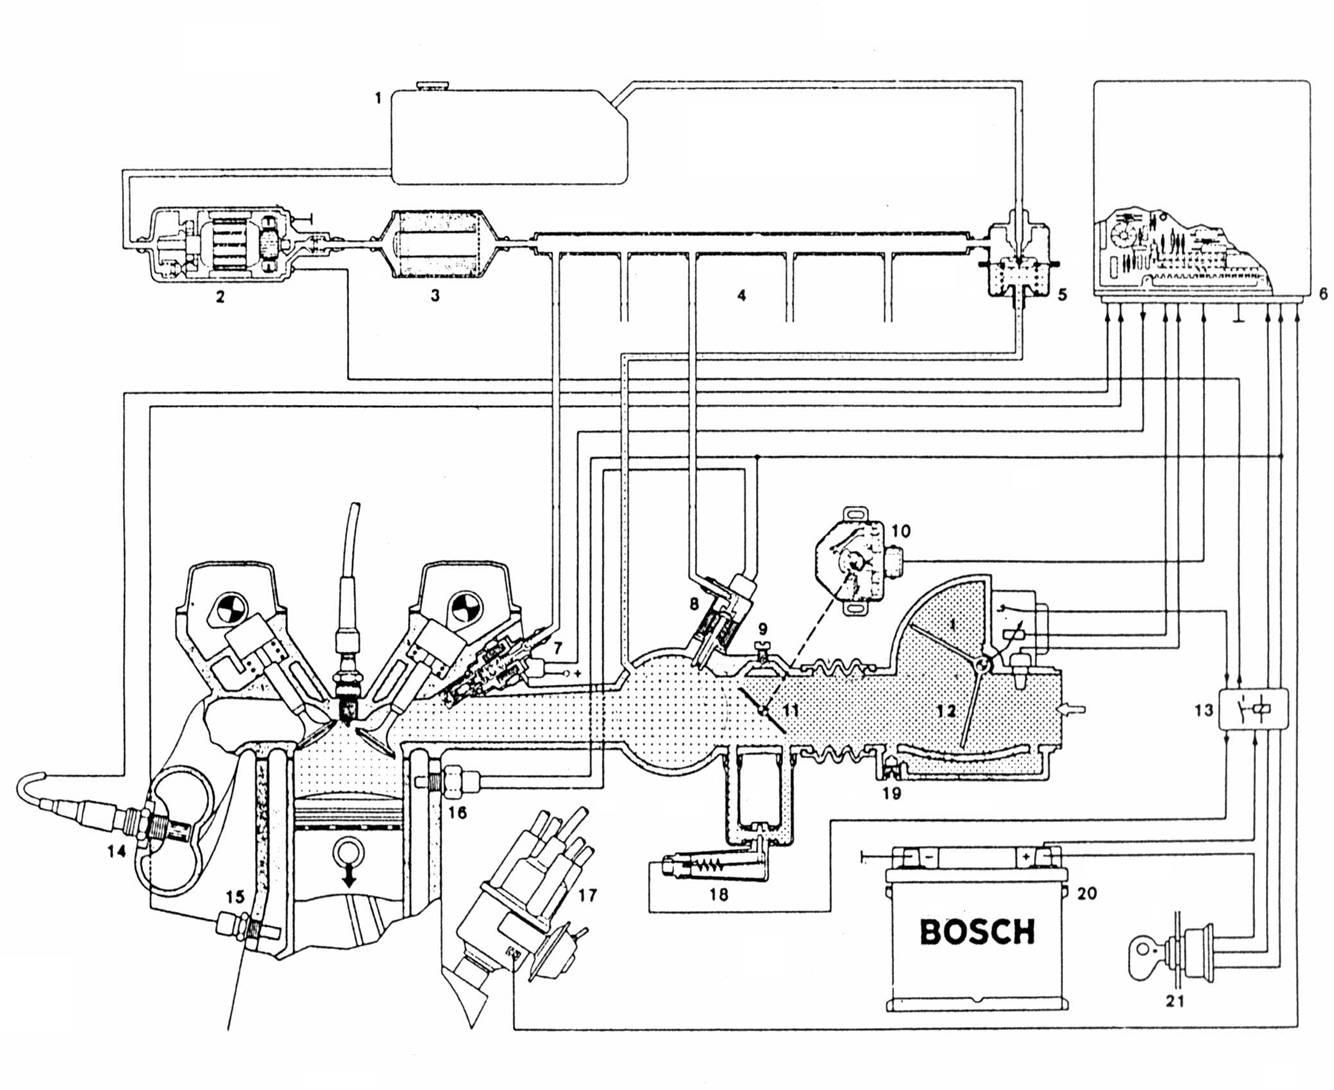 1 Engine Control Temperature Ect Sensor Temperatur